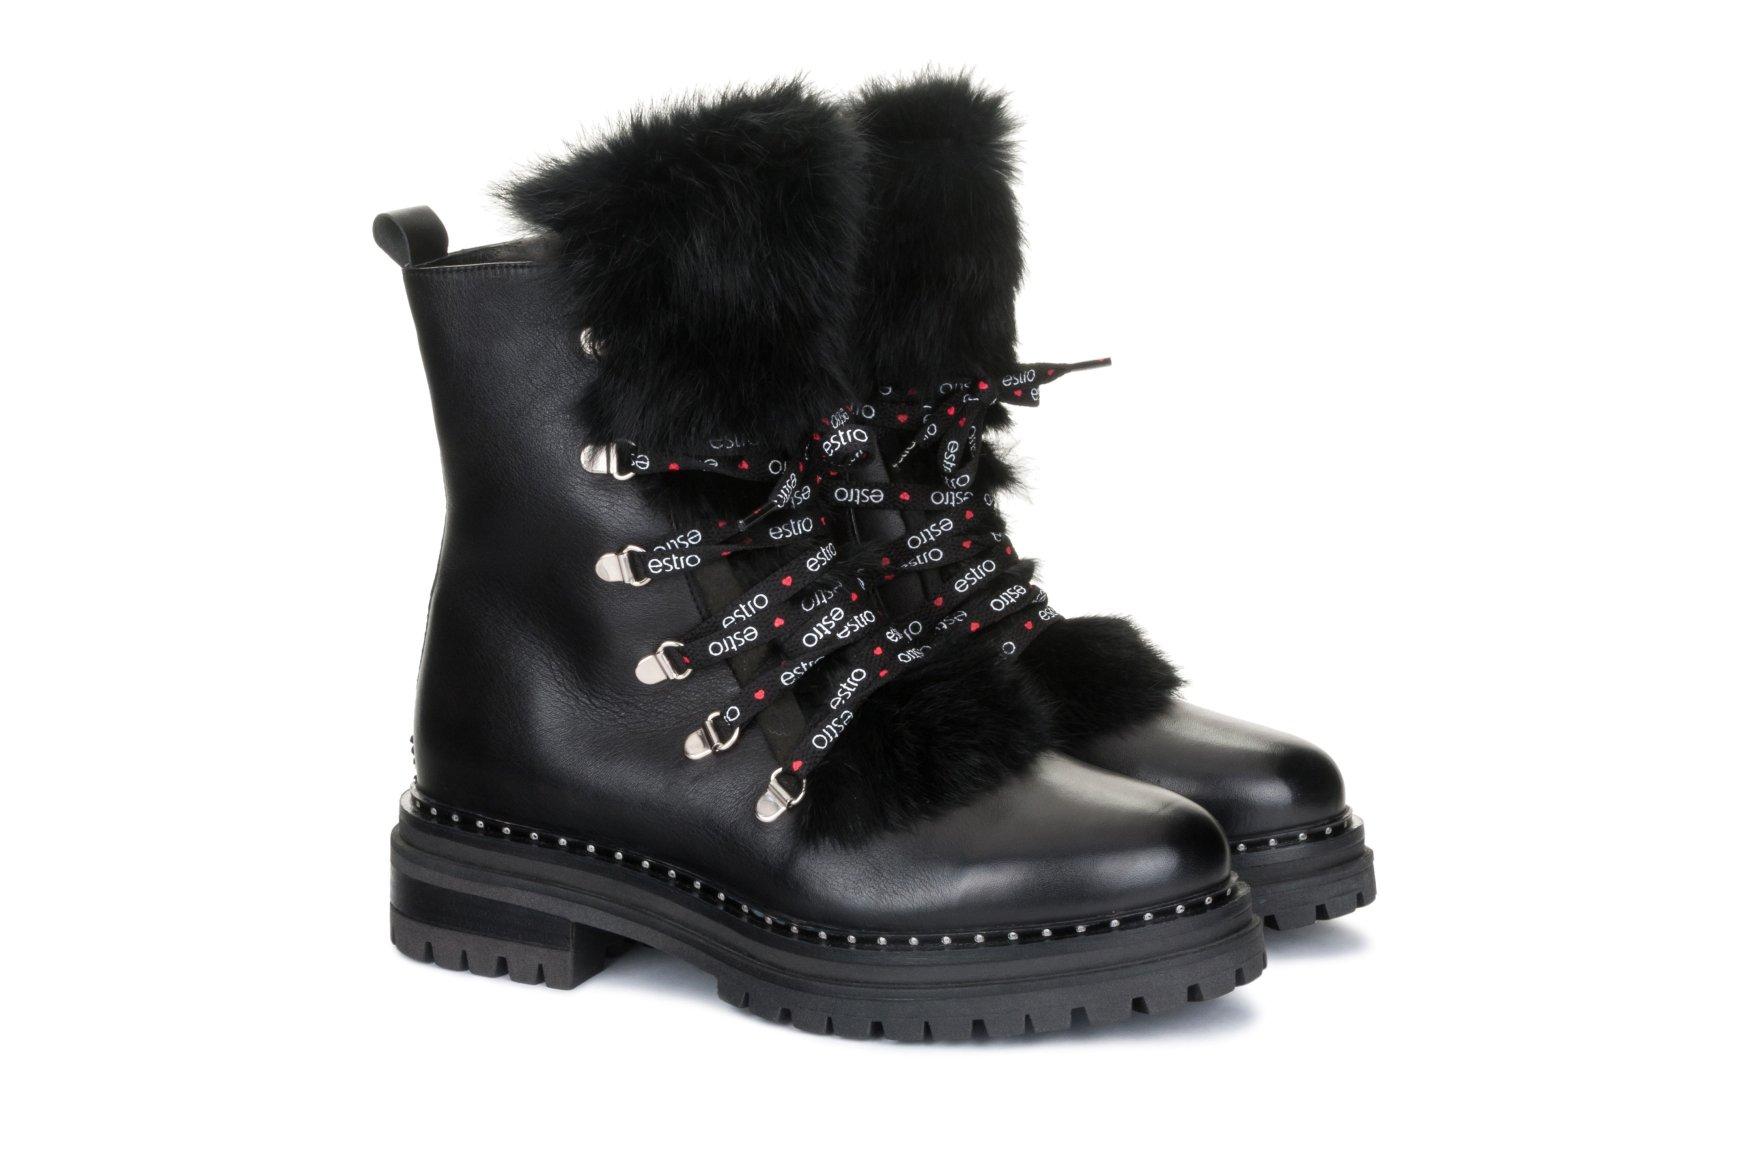 Ботинки зимние - Estro 5d07fa68588